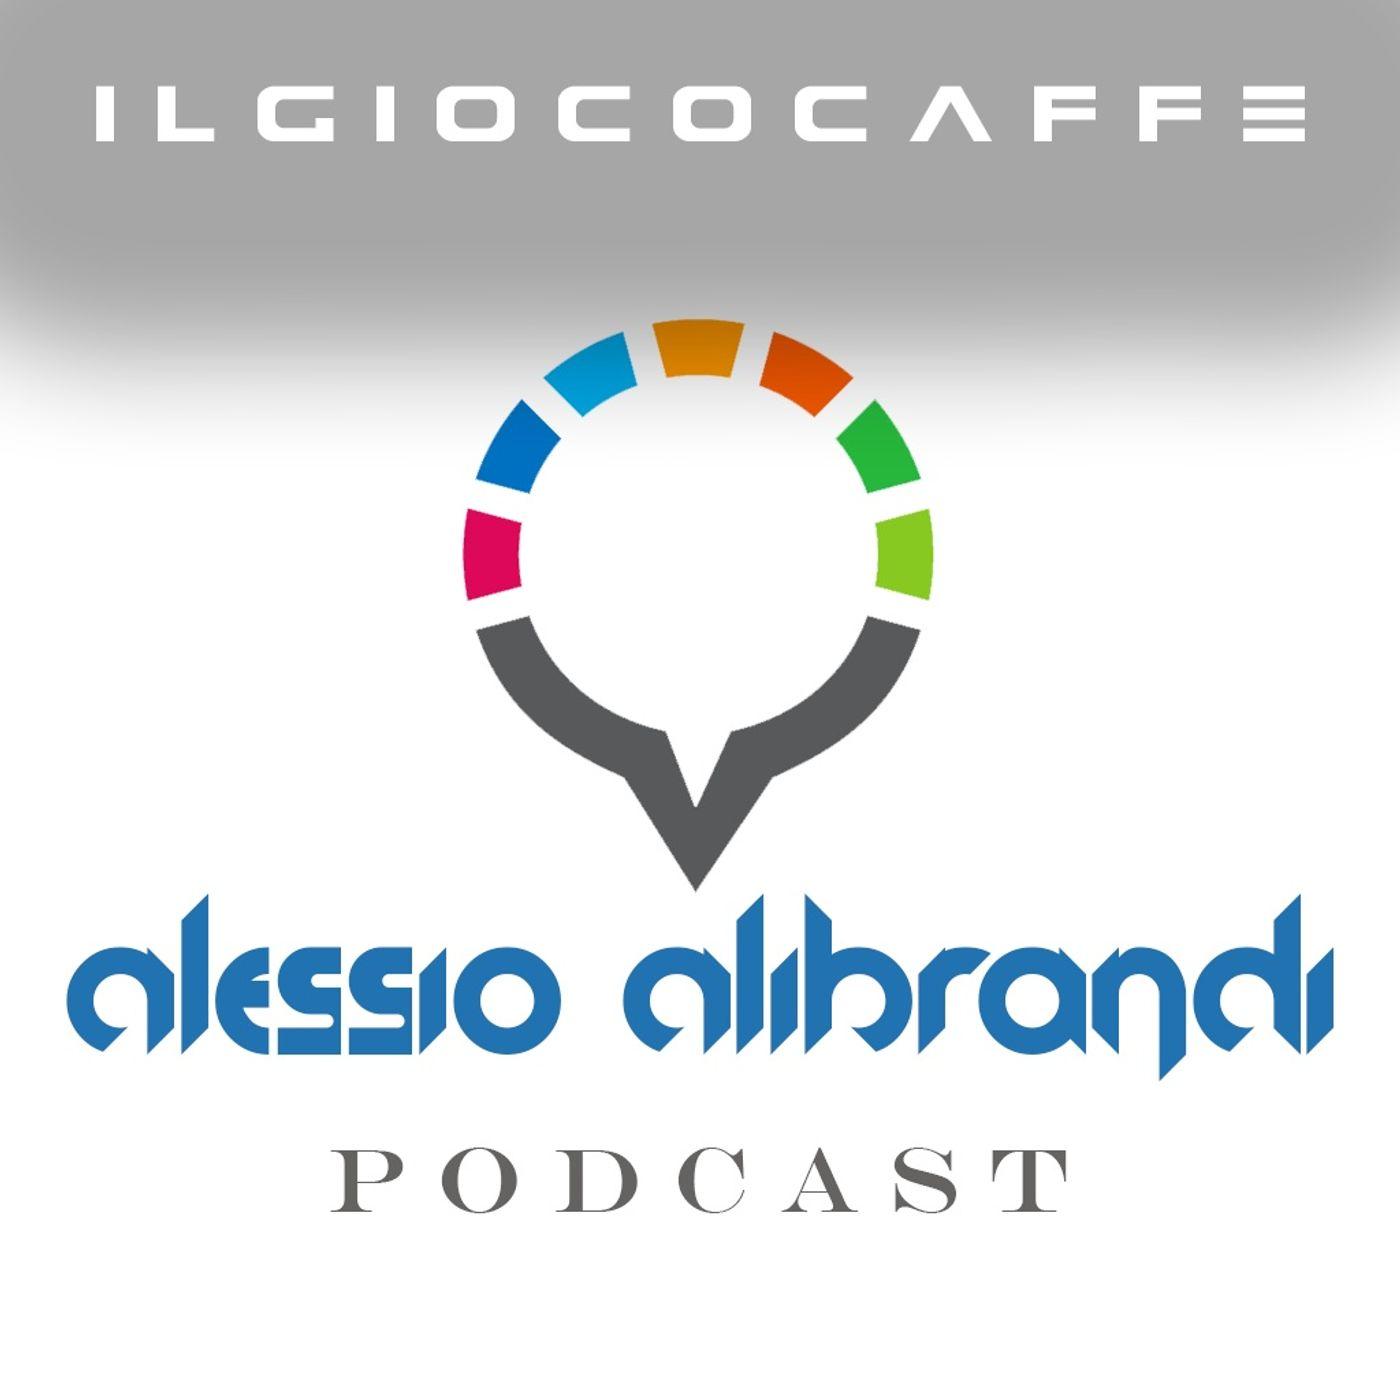 Alessio Alibrandi Podcast:Il Gioco Caffè